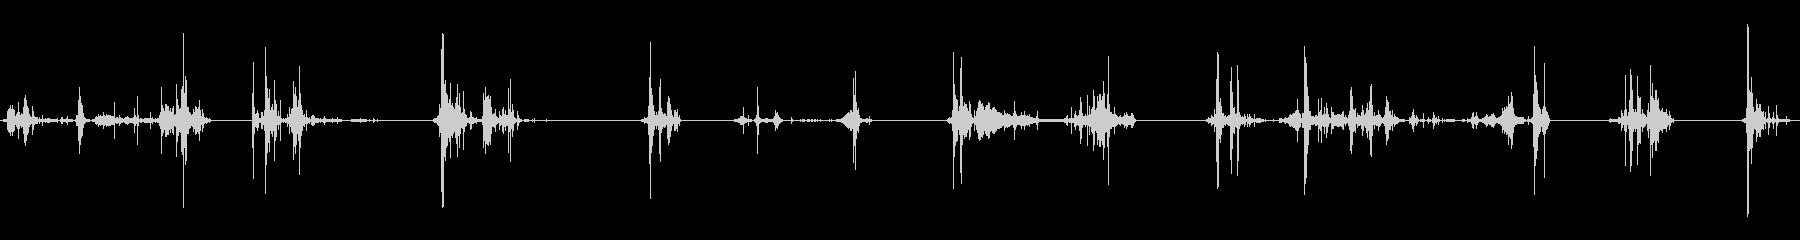 アイスホッケー:さまざまな身体への...の未再生の波形